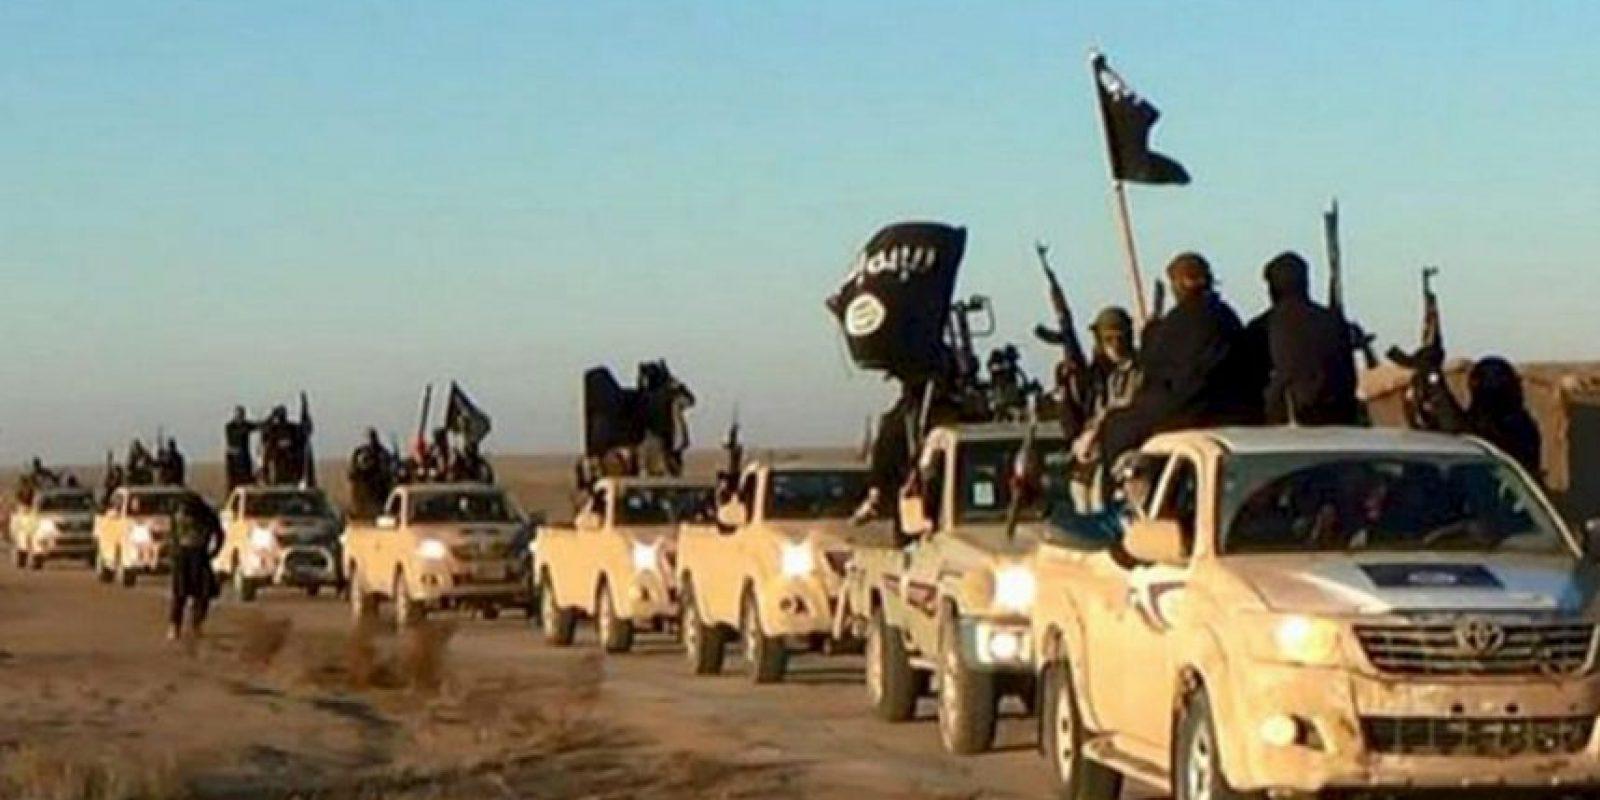 Una coalición internacional lucha por desarticular al grupo terrorista. Foto:AP